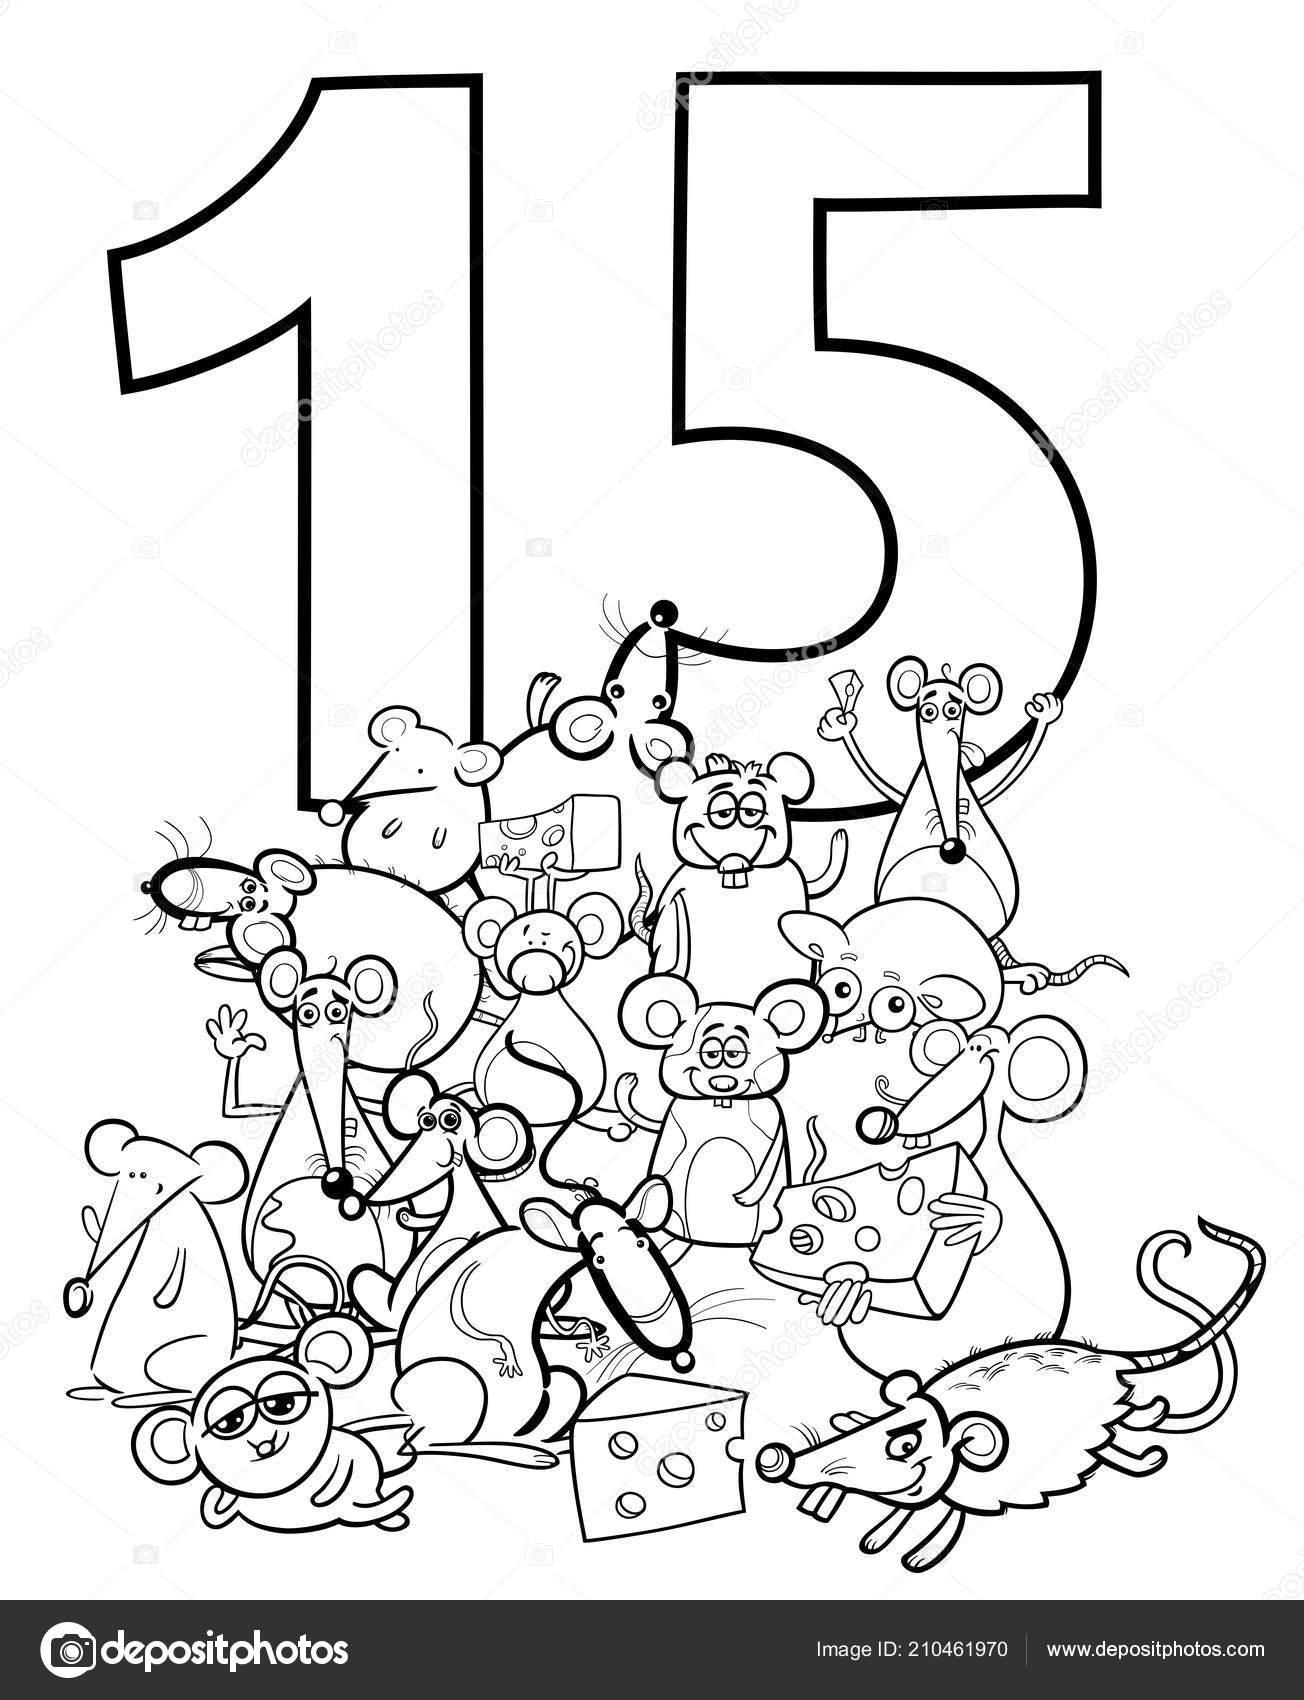 Ilustración Dibujos Animados Blanco Negro Número Quince Grupo